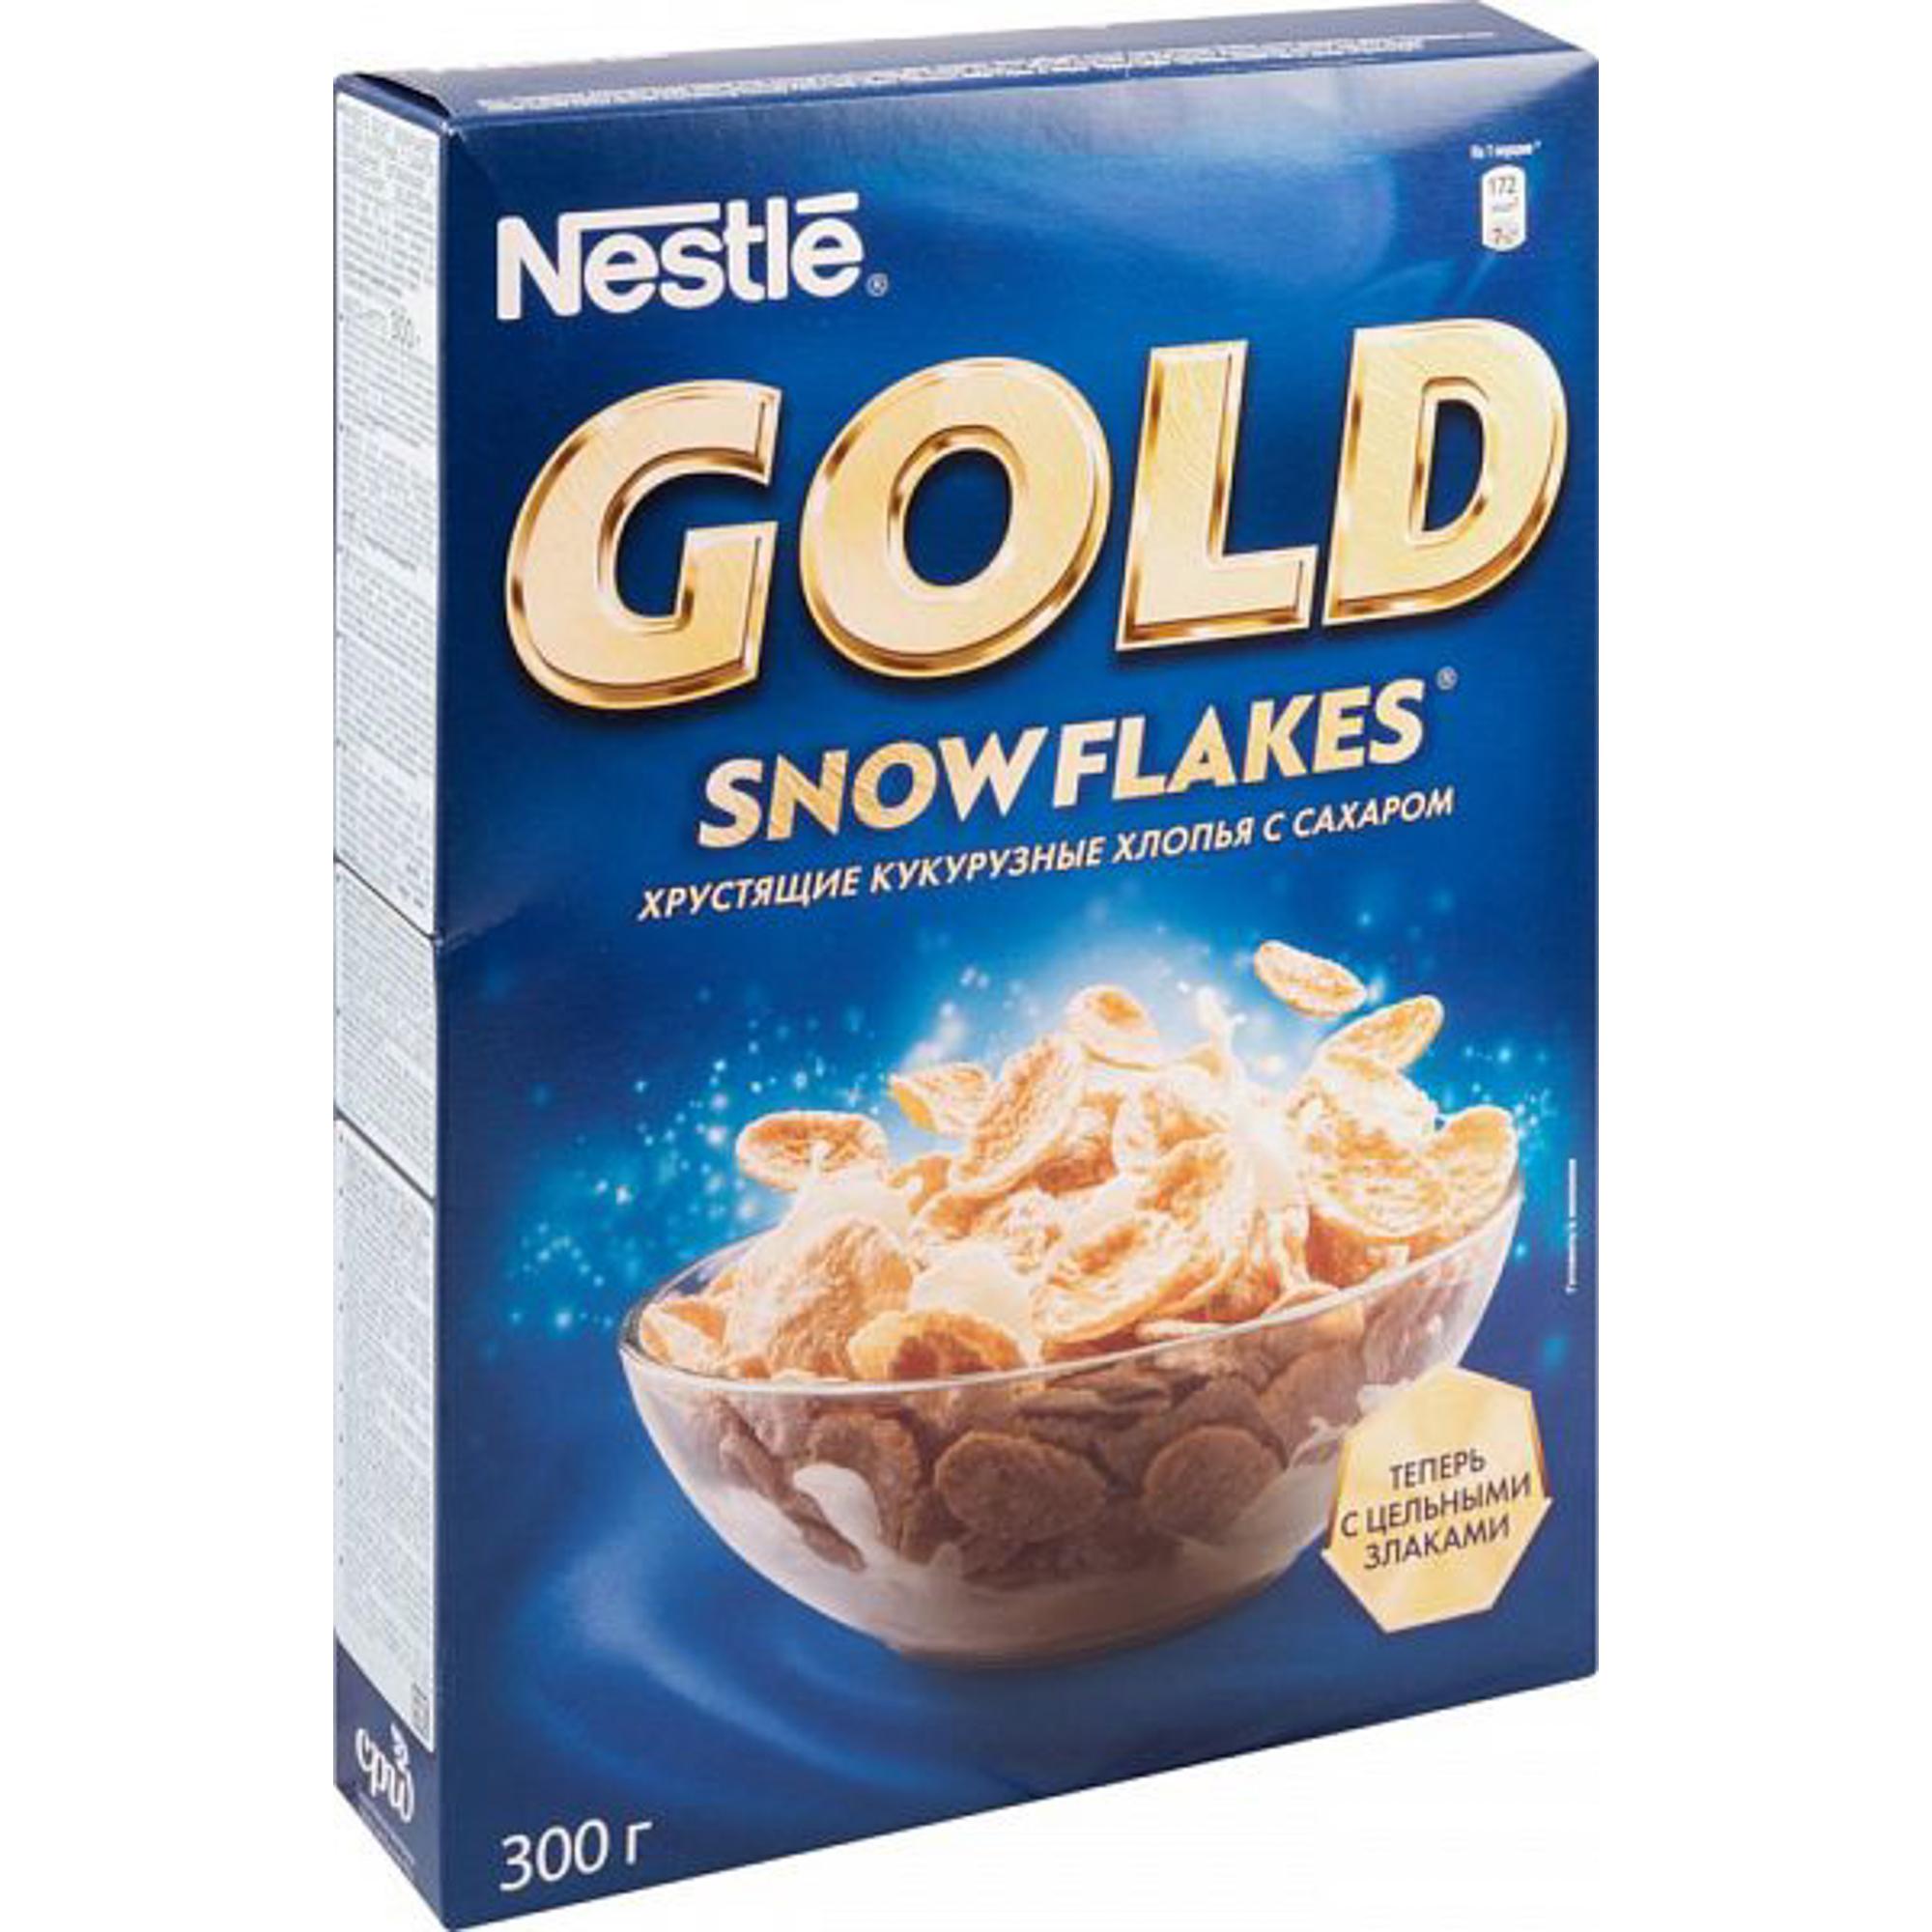 Хлопья кукурузные Nestle Gold Snow Flakes 300 г nestle gold snow flakes готовый завтрак 300 г